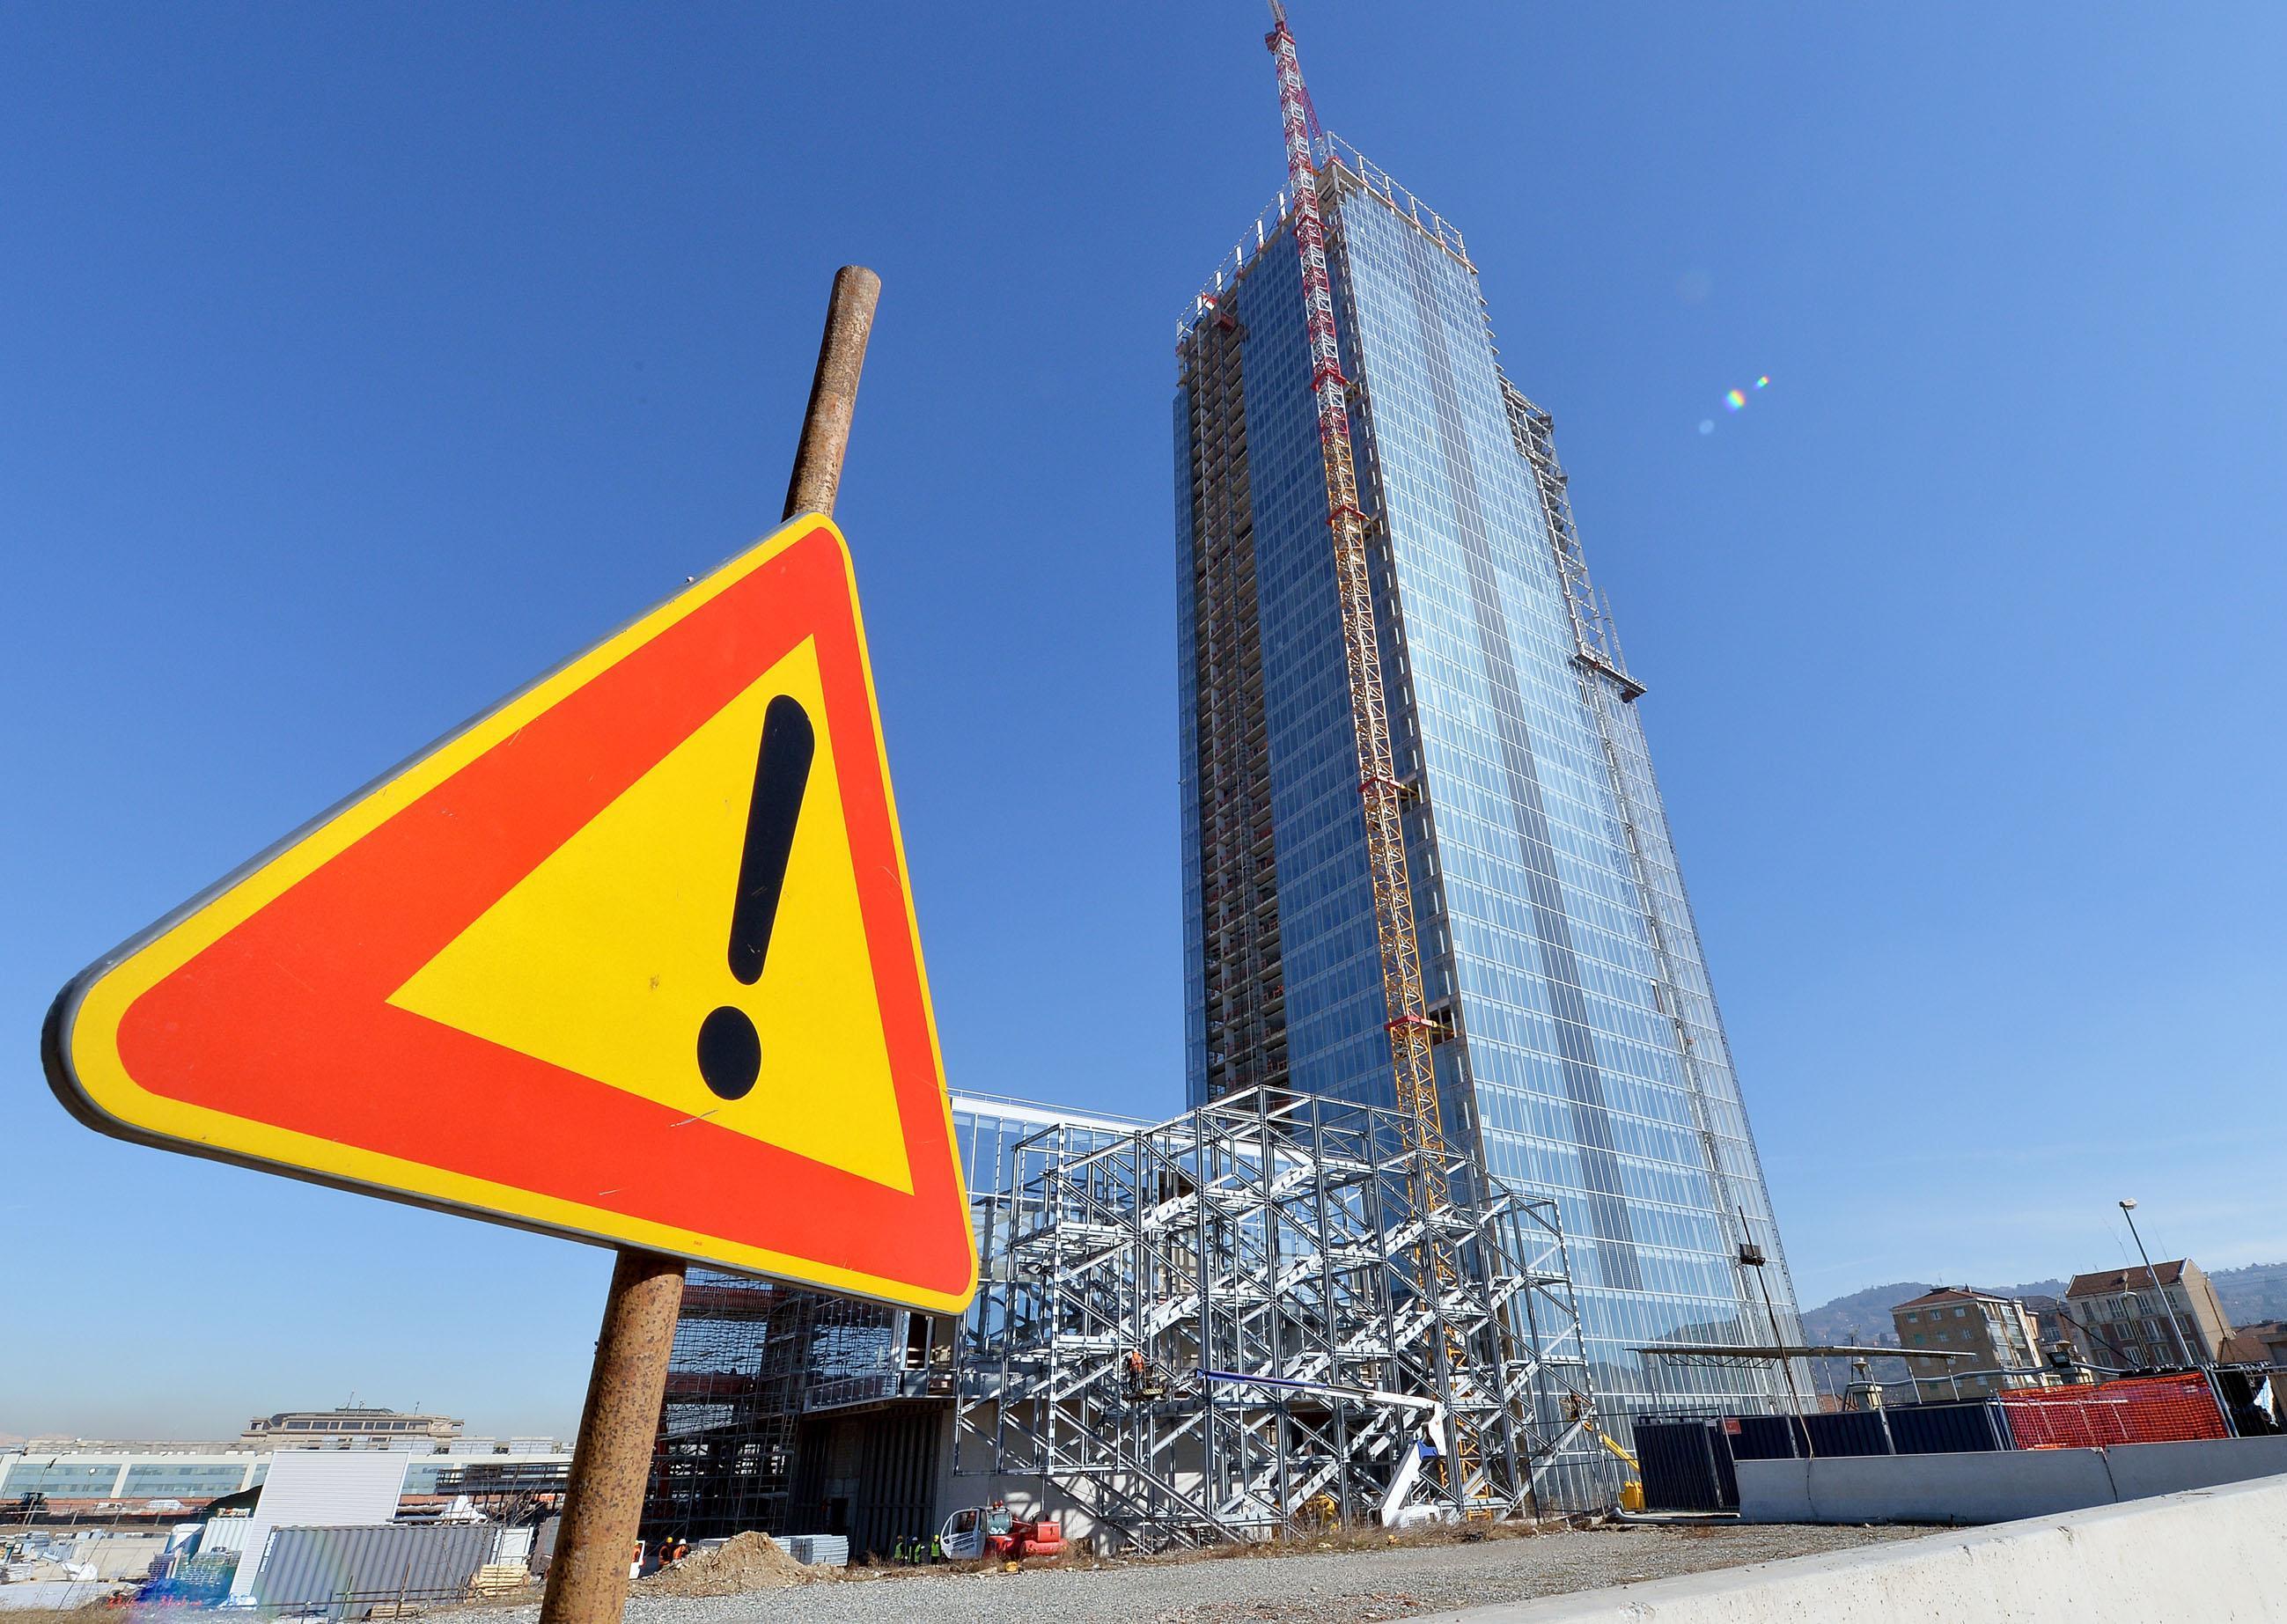 Visita cantiere del nuovo grattacielo della Regione Piemonte